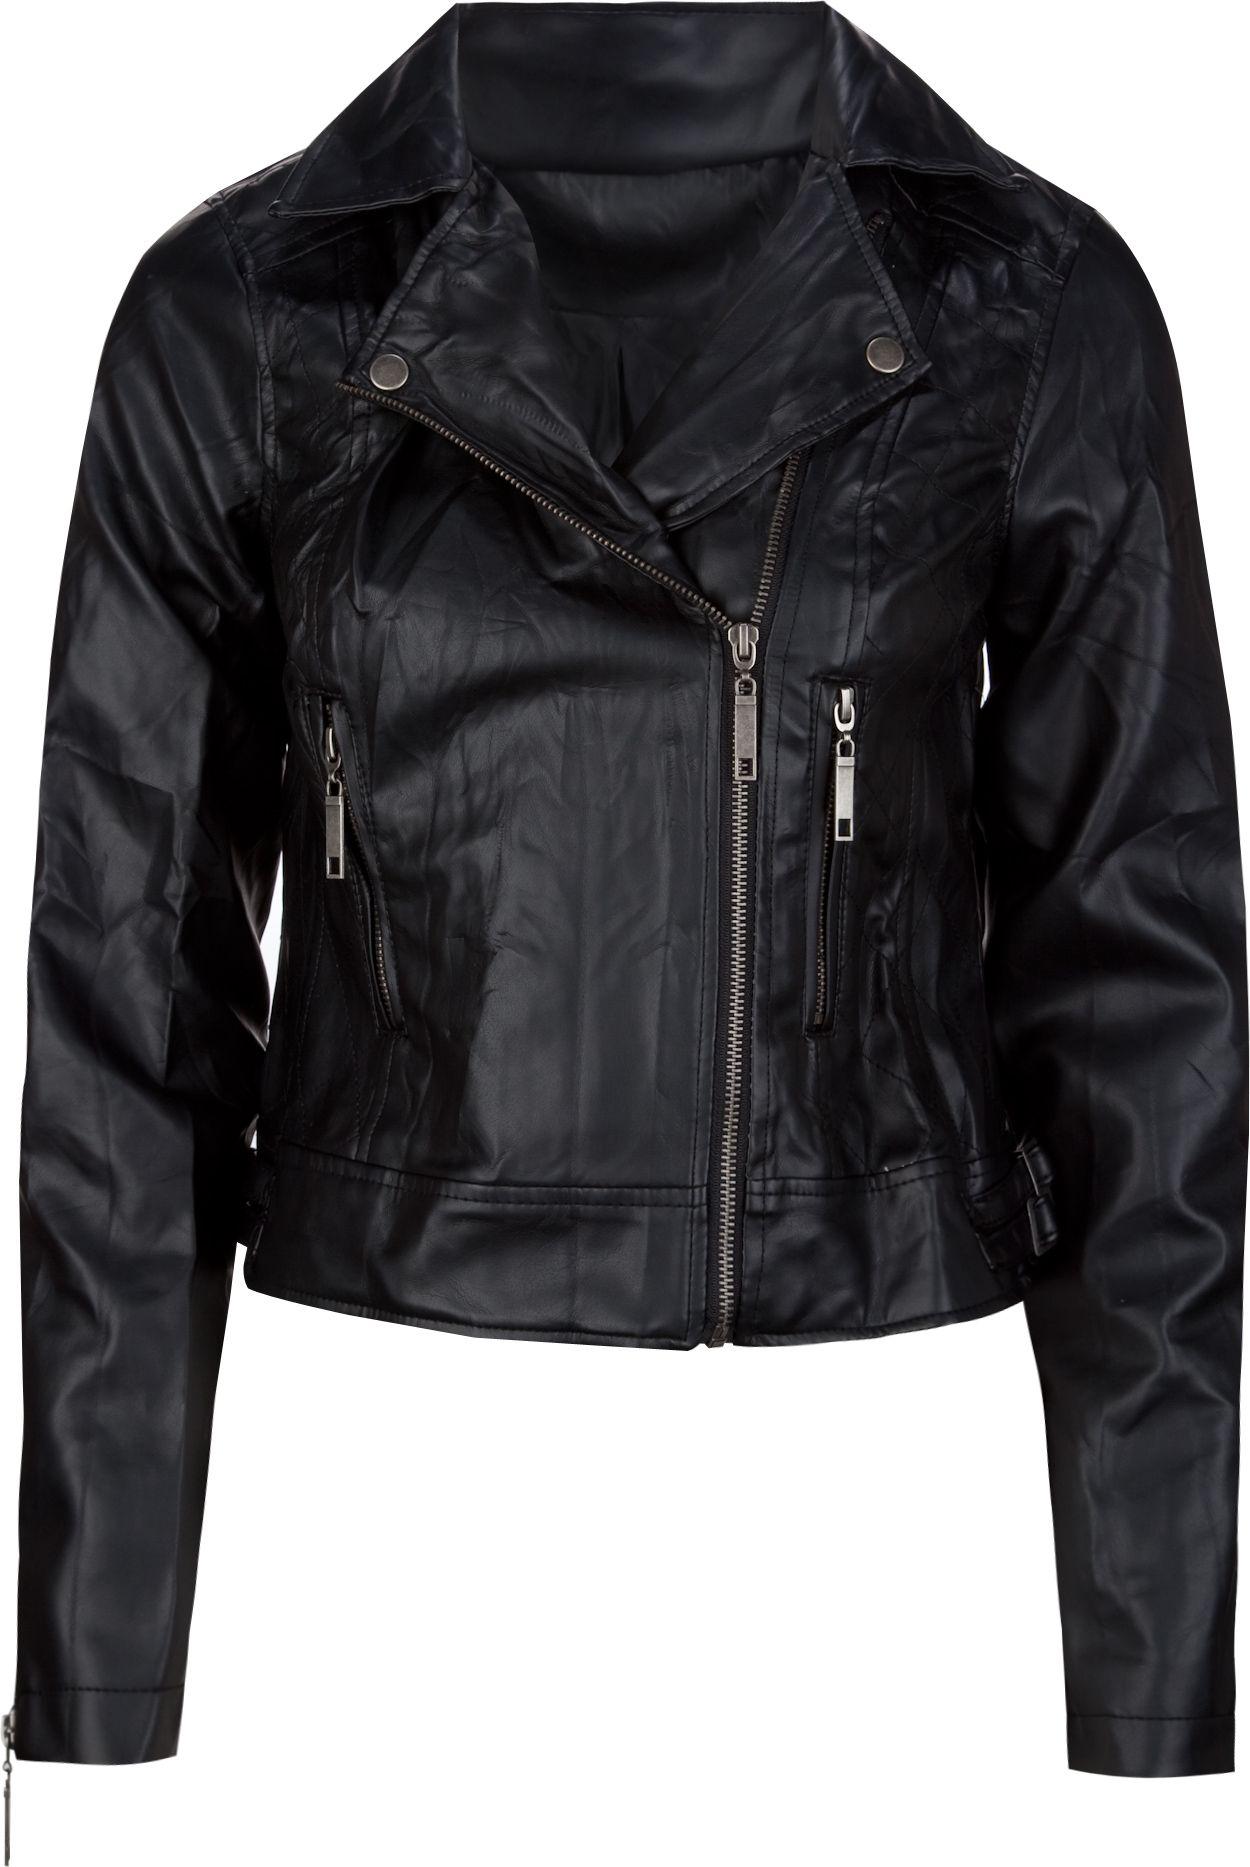 Ashley faux leather womens biker jacket 207486100